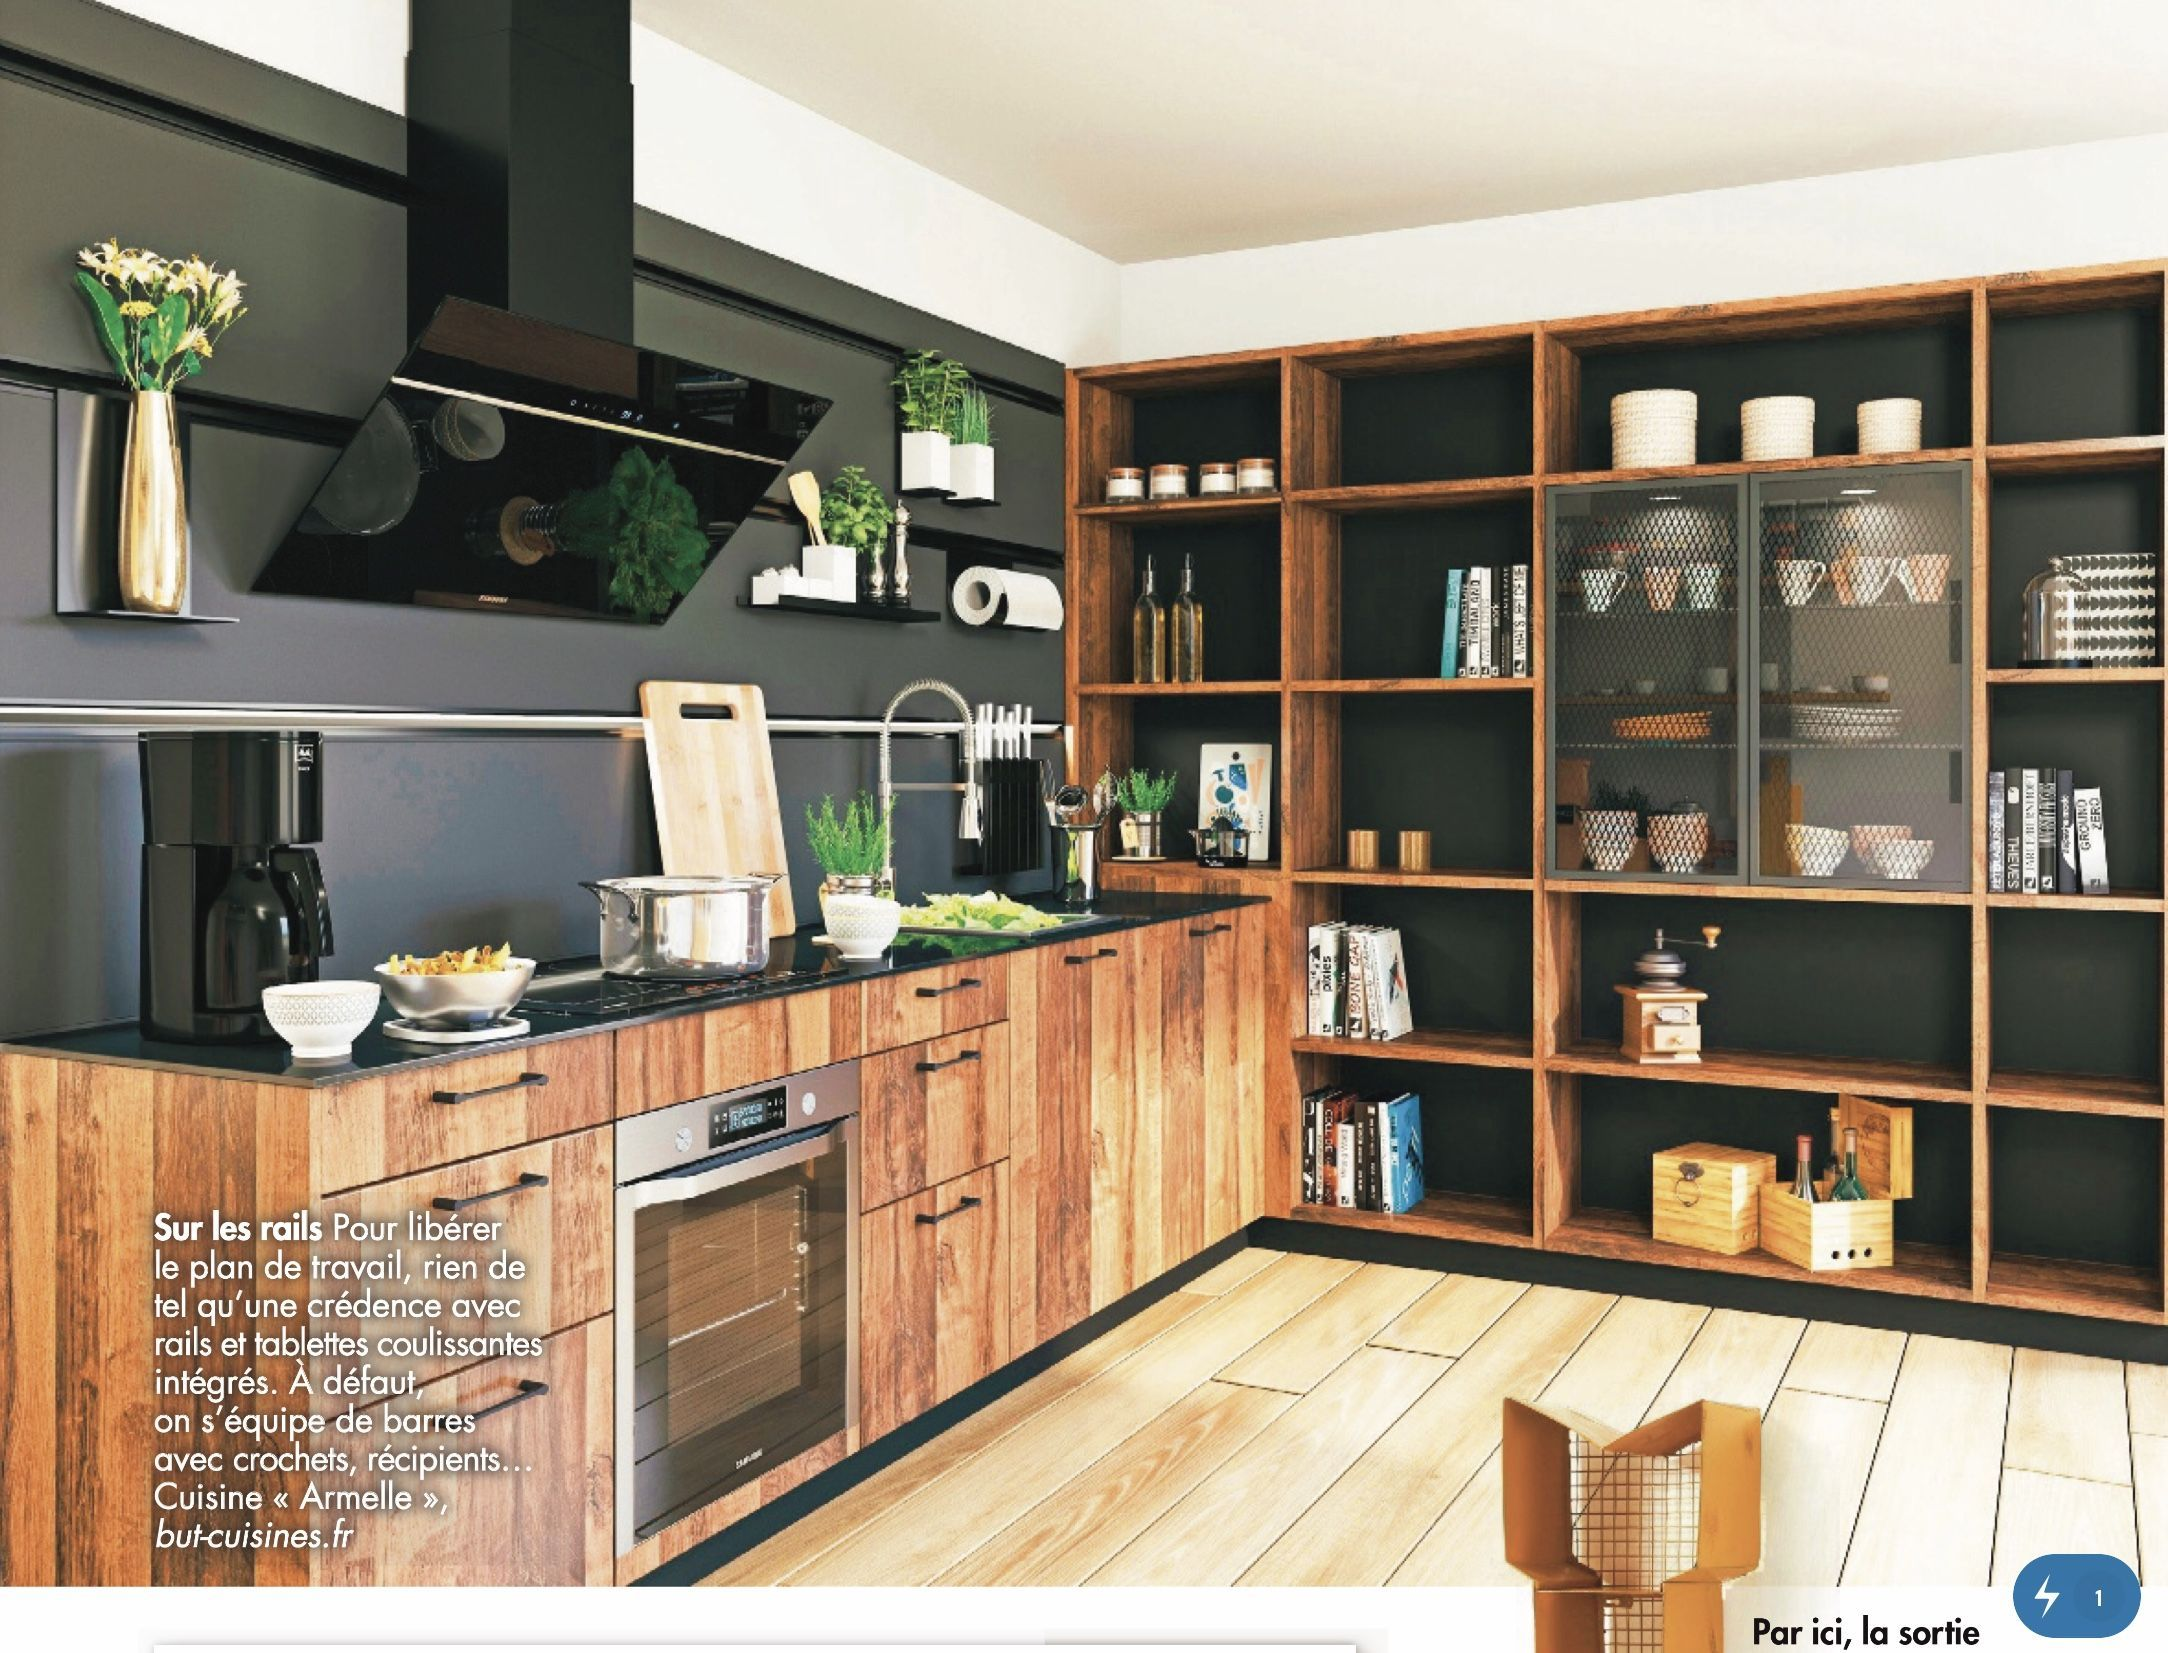 Cuisine Contemporaine Cuisine Contemporaine Blanche Cuisine Contemporaine Blanche Et Bois Cuisine Contemporaine Bois Cuisine In 2020 Home Home Decor Shelving Unit